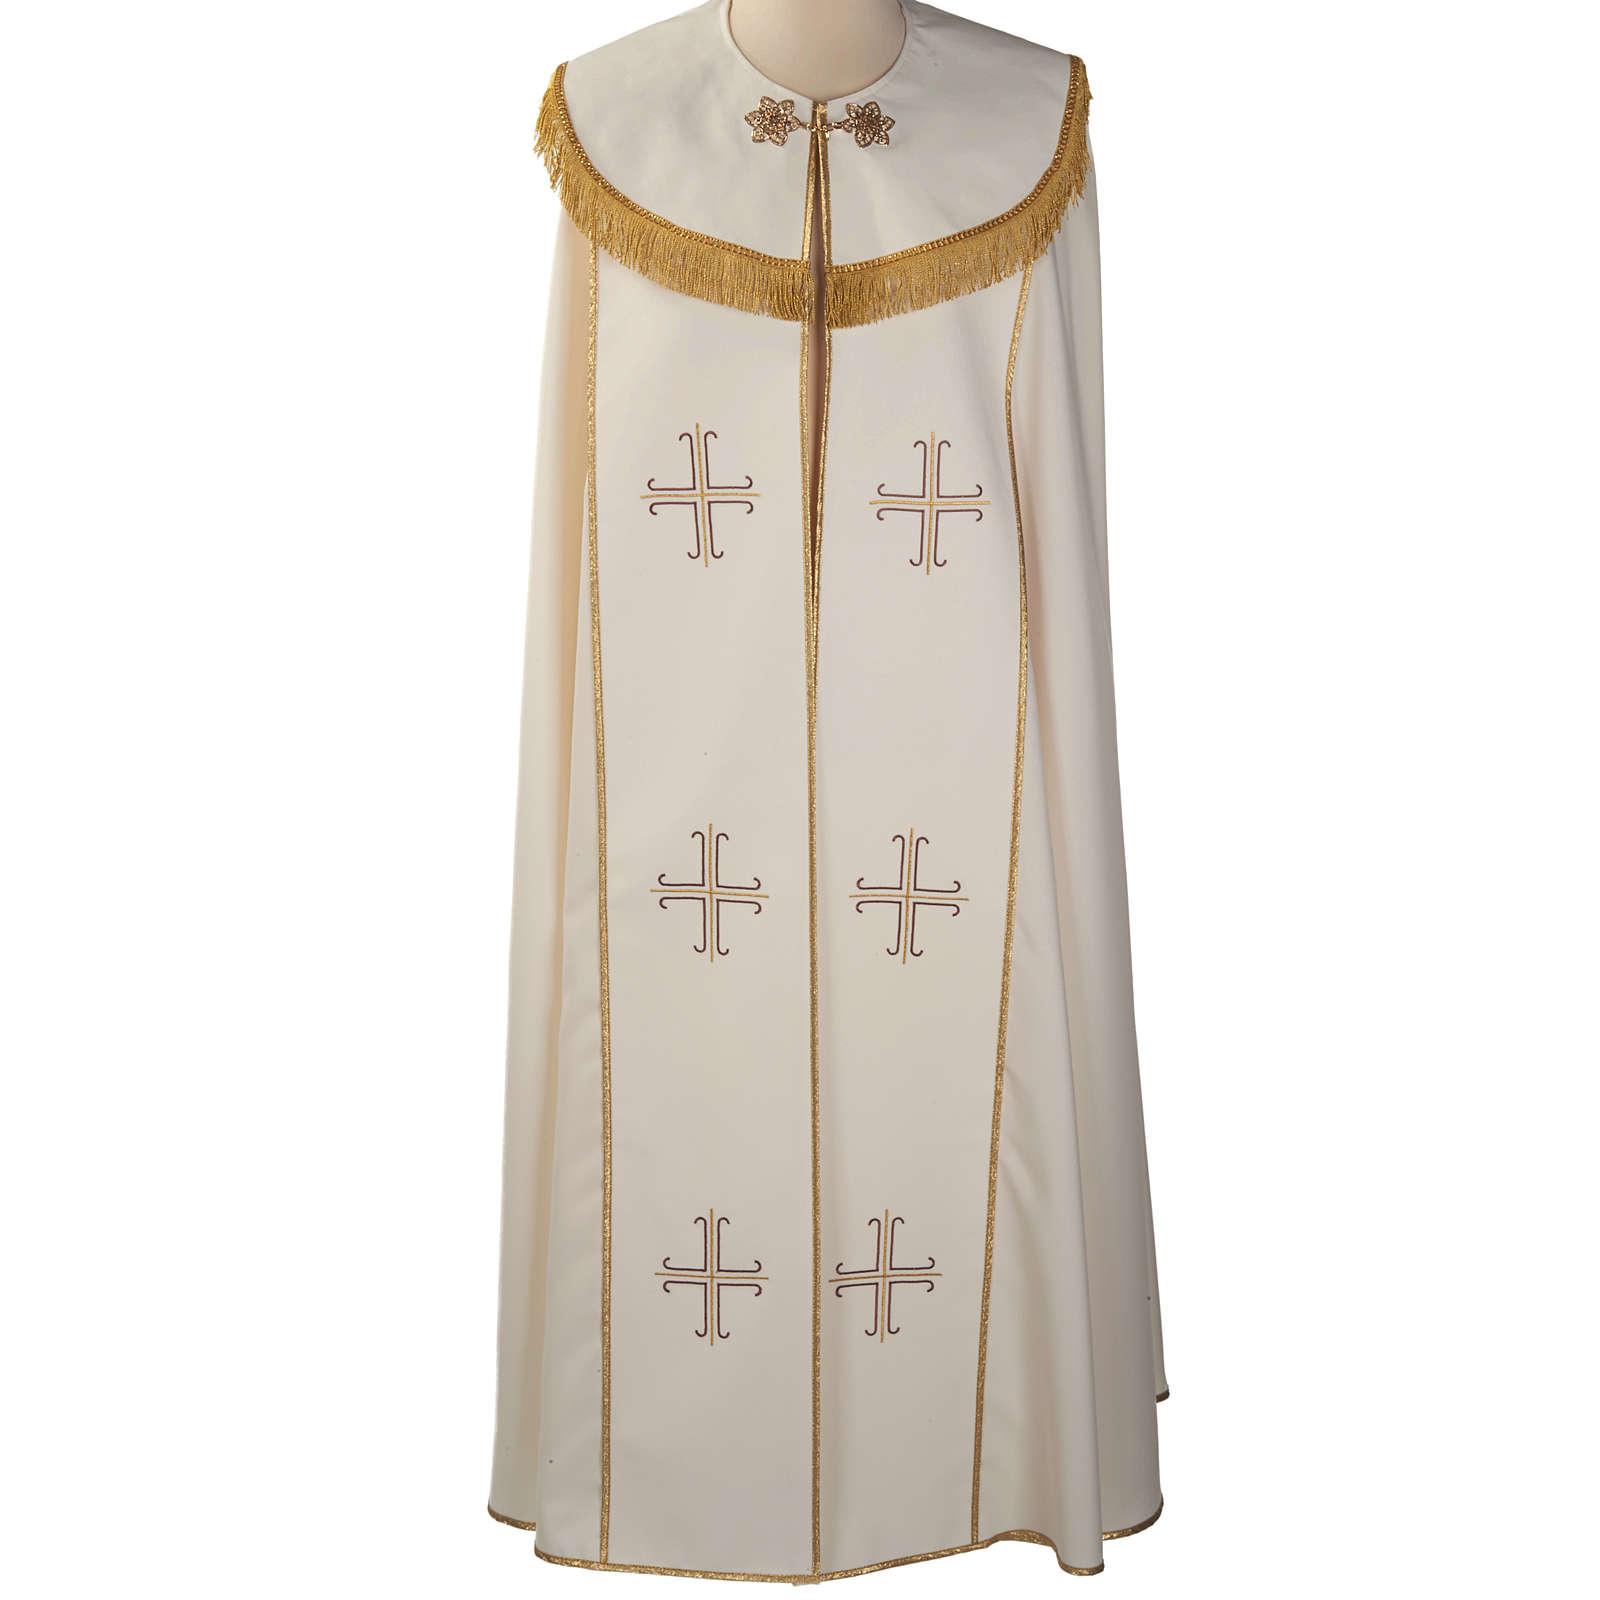 Chape liturgique blanche avec croix stylisées 4